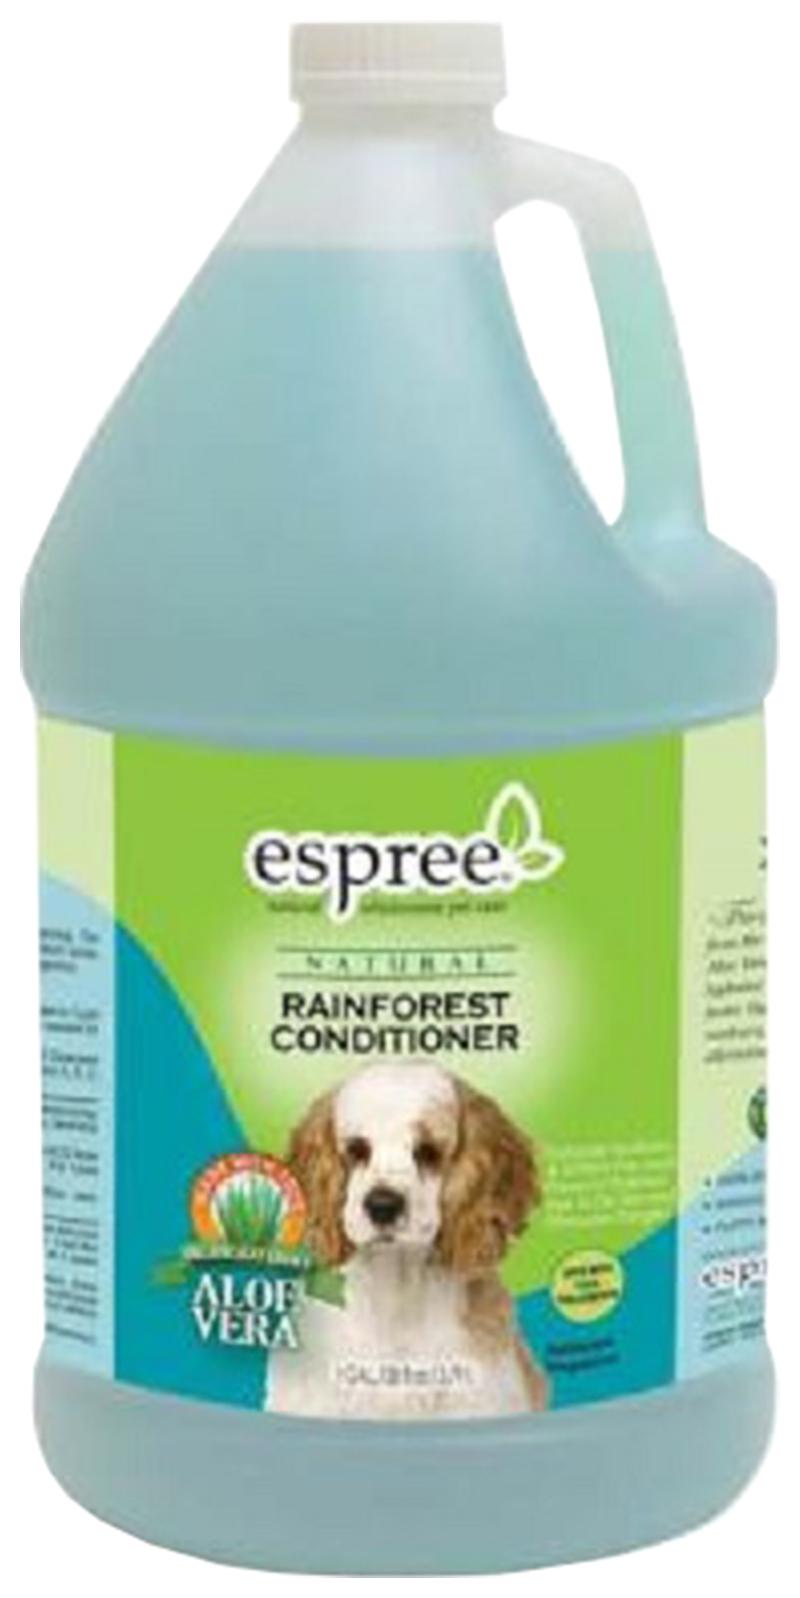 Кондиционер для кошек и собак Espree Scent Renewal Rainforest джунгли 379 л.